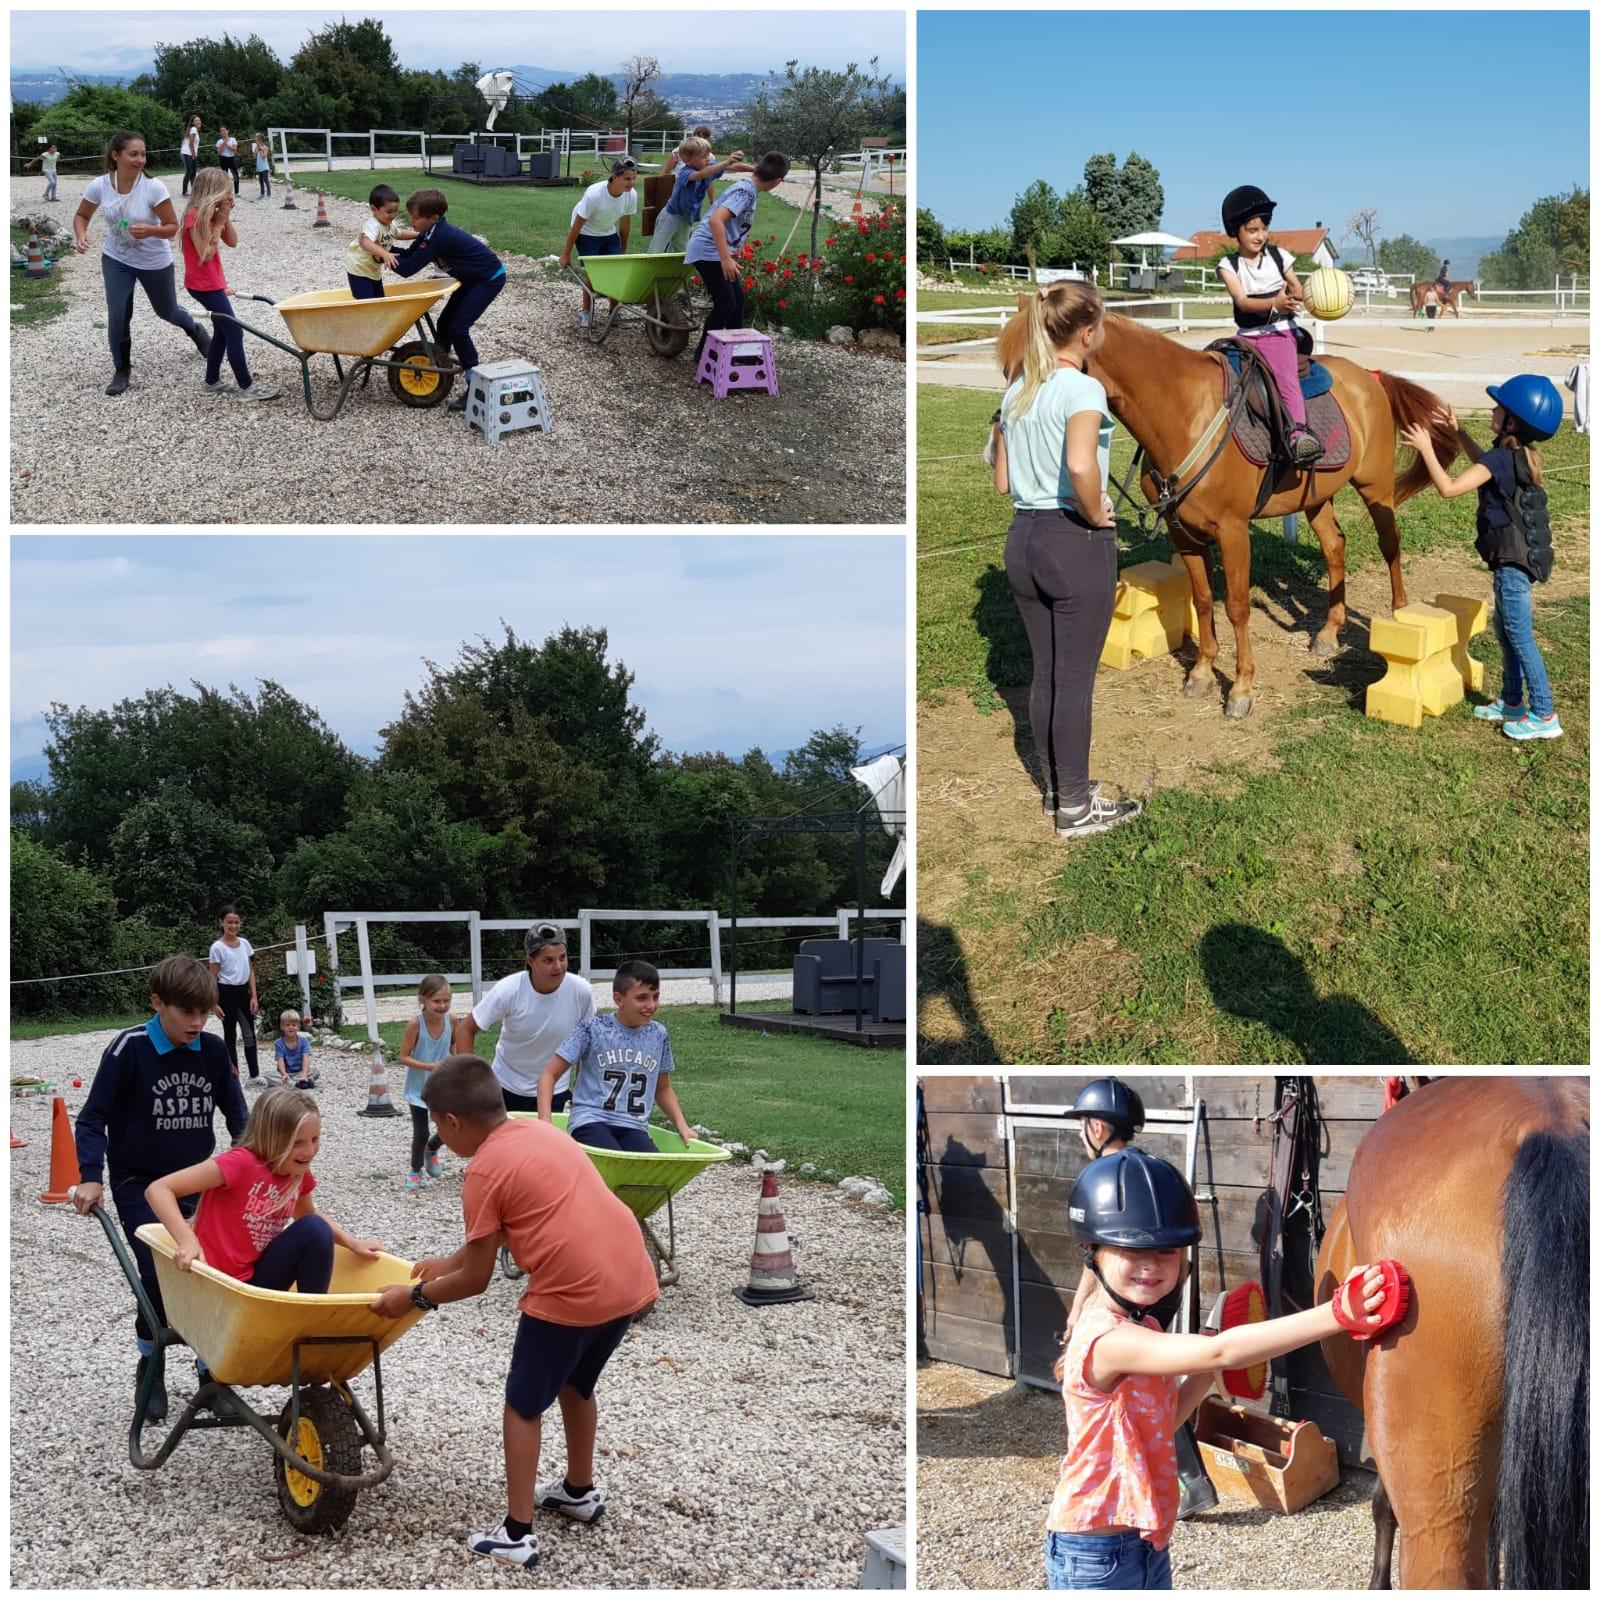 Centro Equestre Stangoni